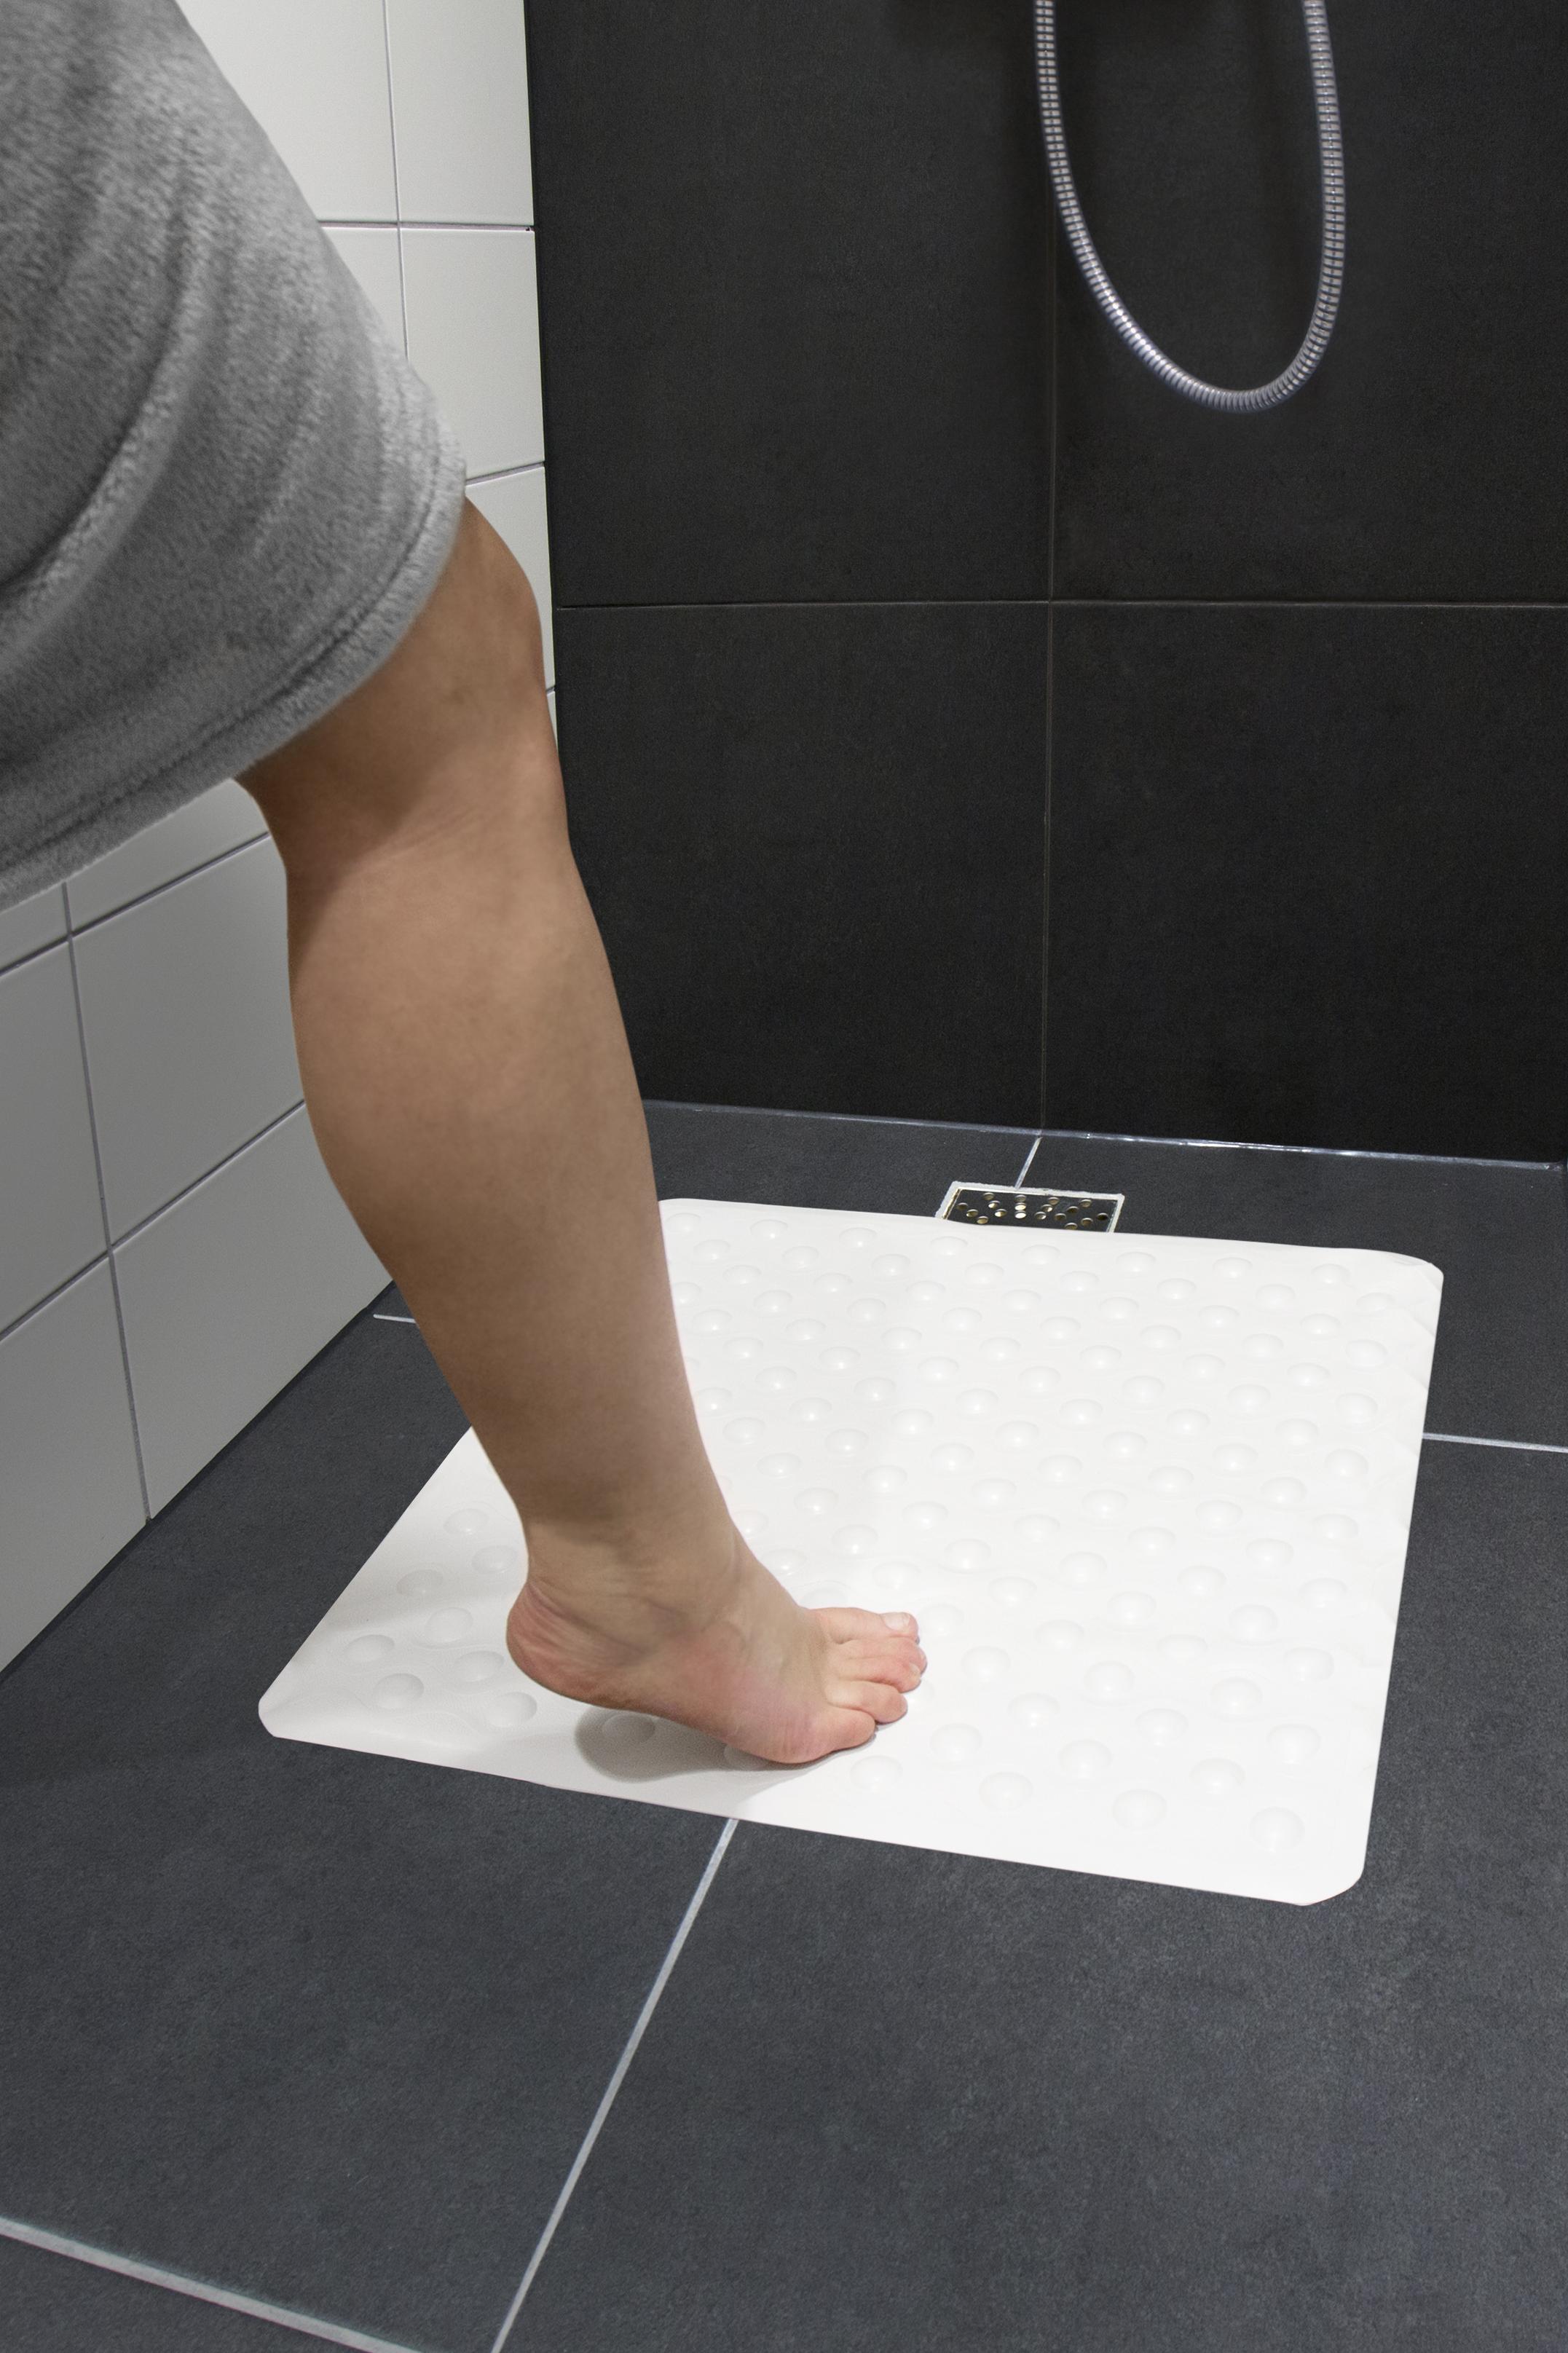 Skridsikker bademåtte til brusekabine (54x54 cm.)